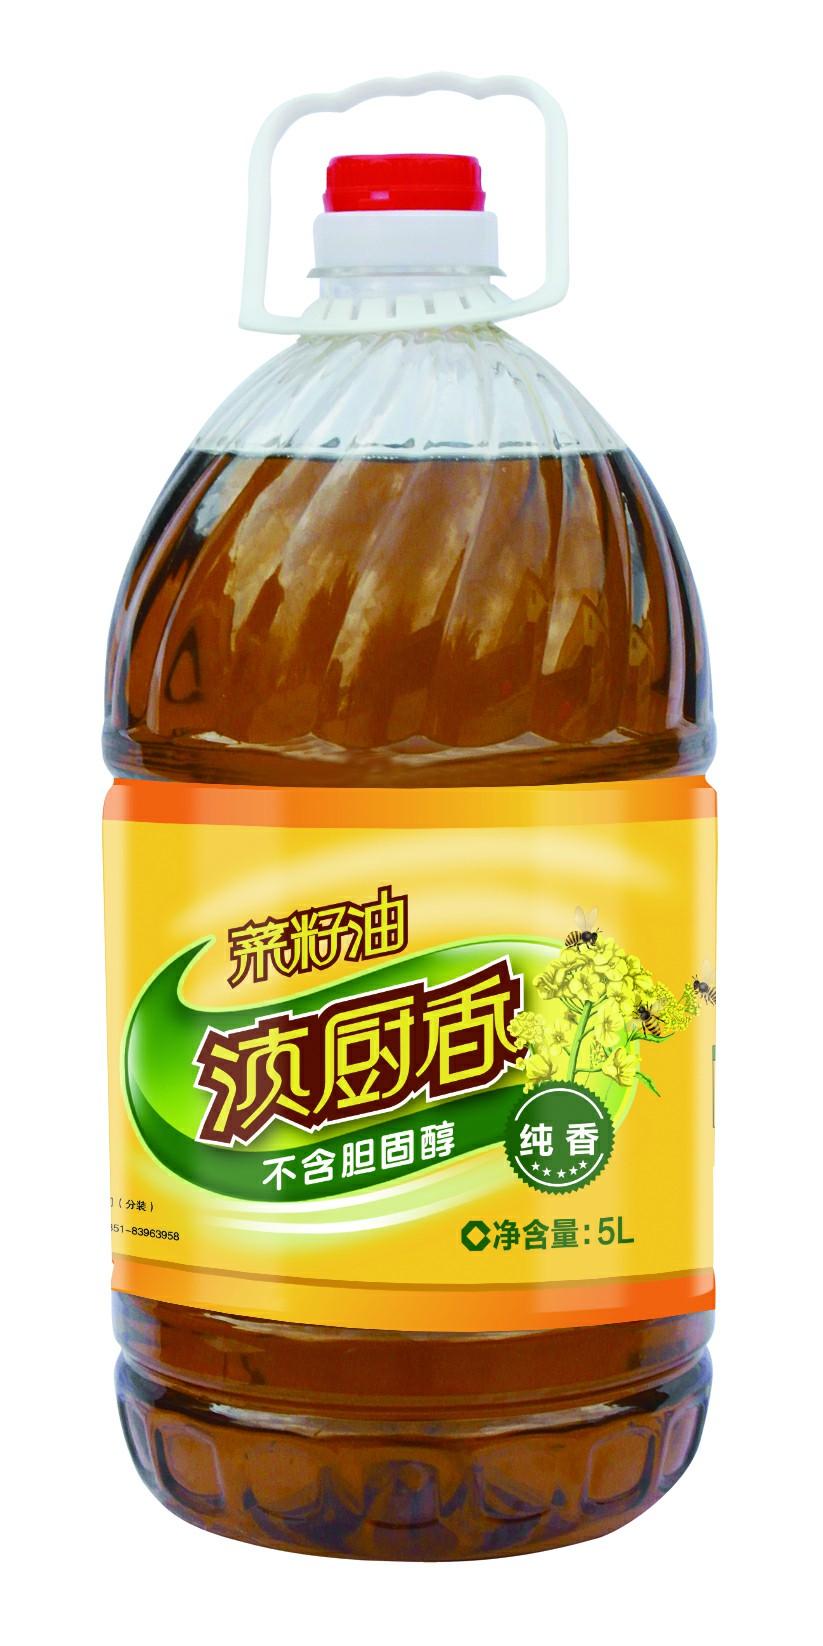 老包装滇厨香纯菜籽油